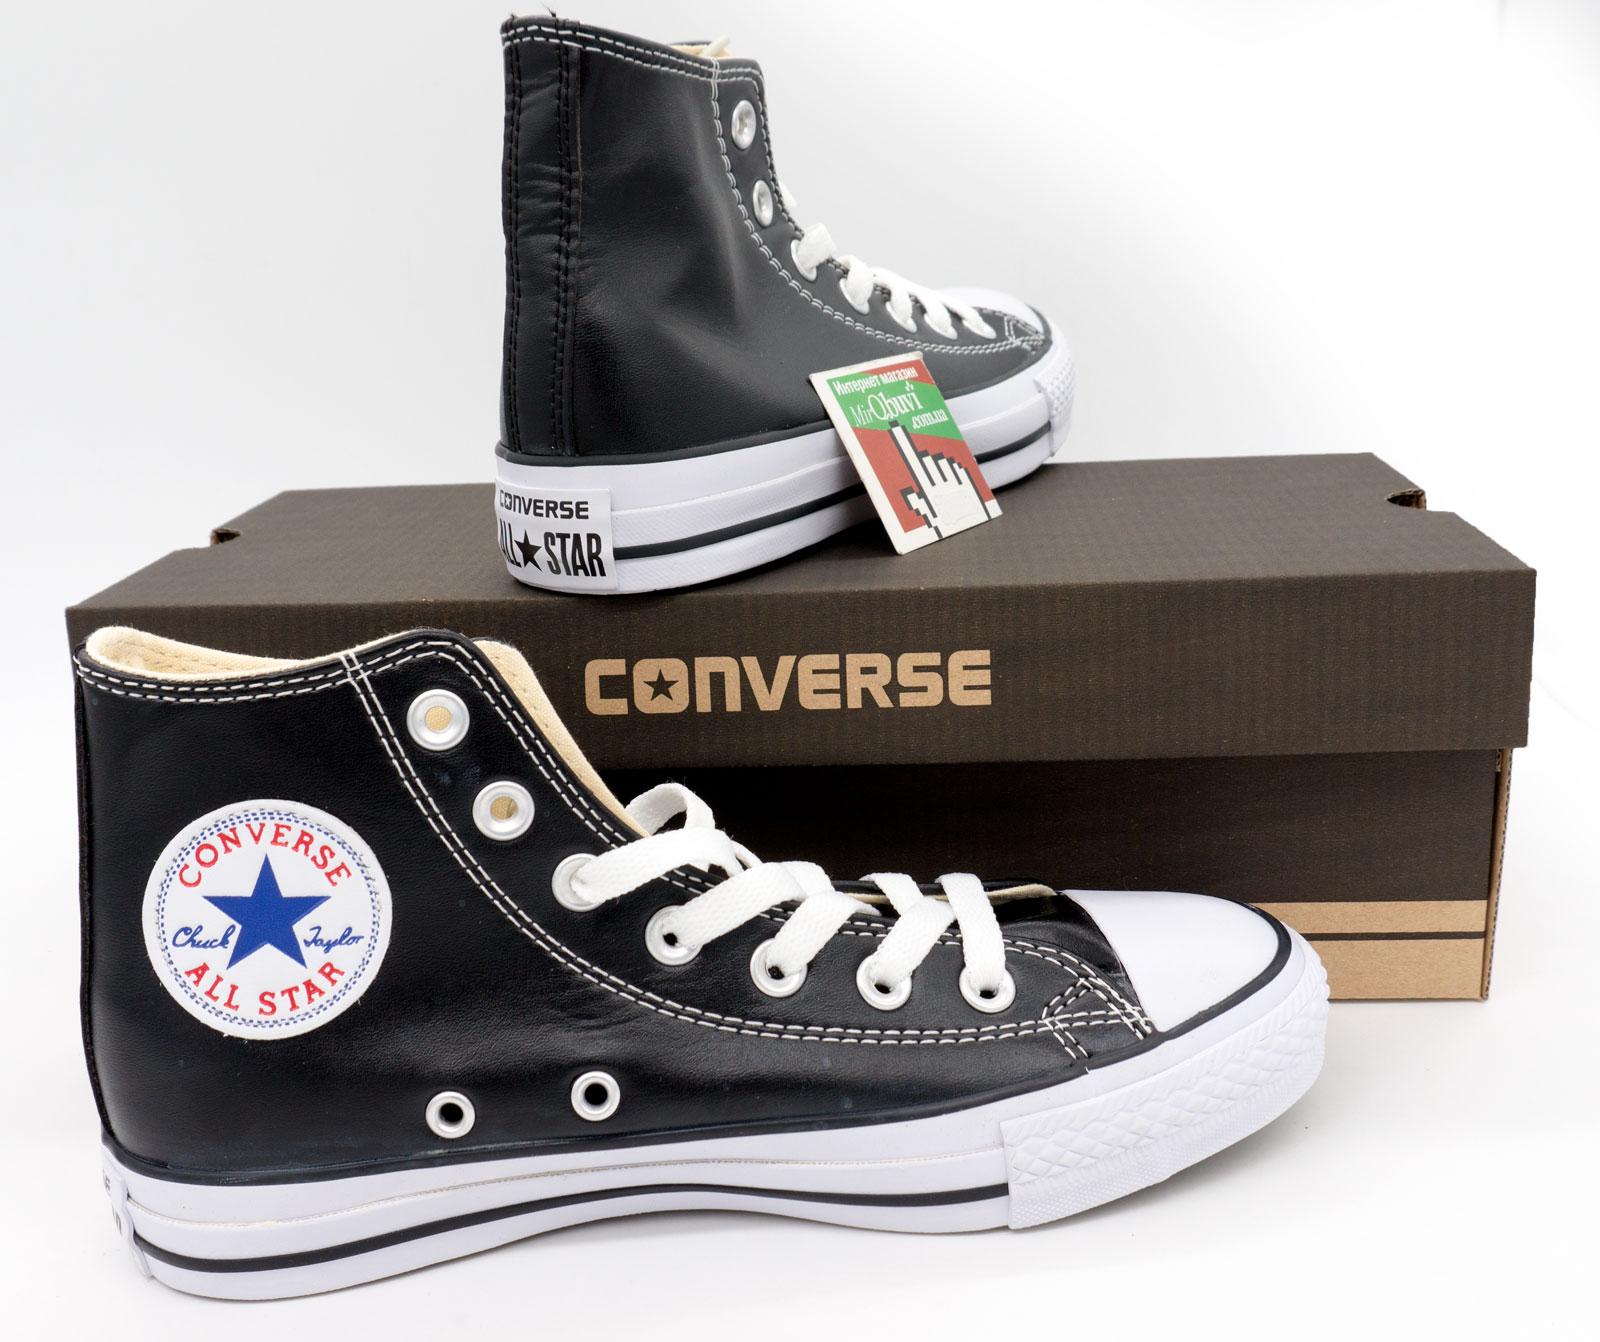 фото bottom Кеды Converse кожаные высокие черные bottom